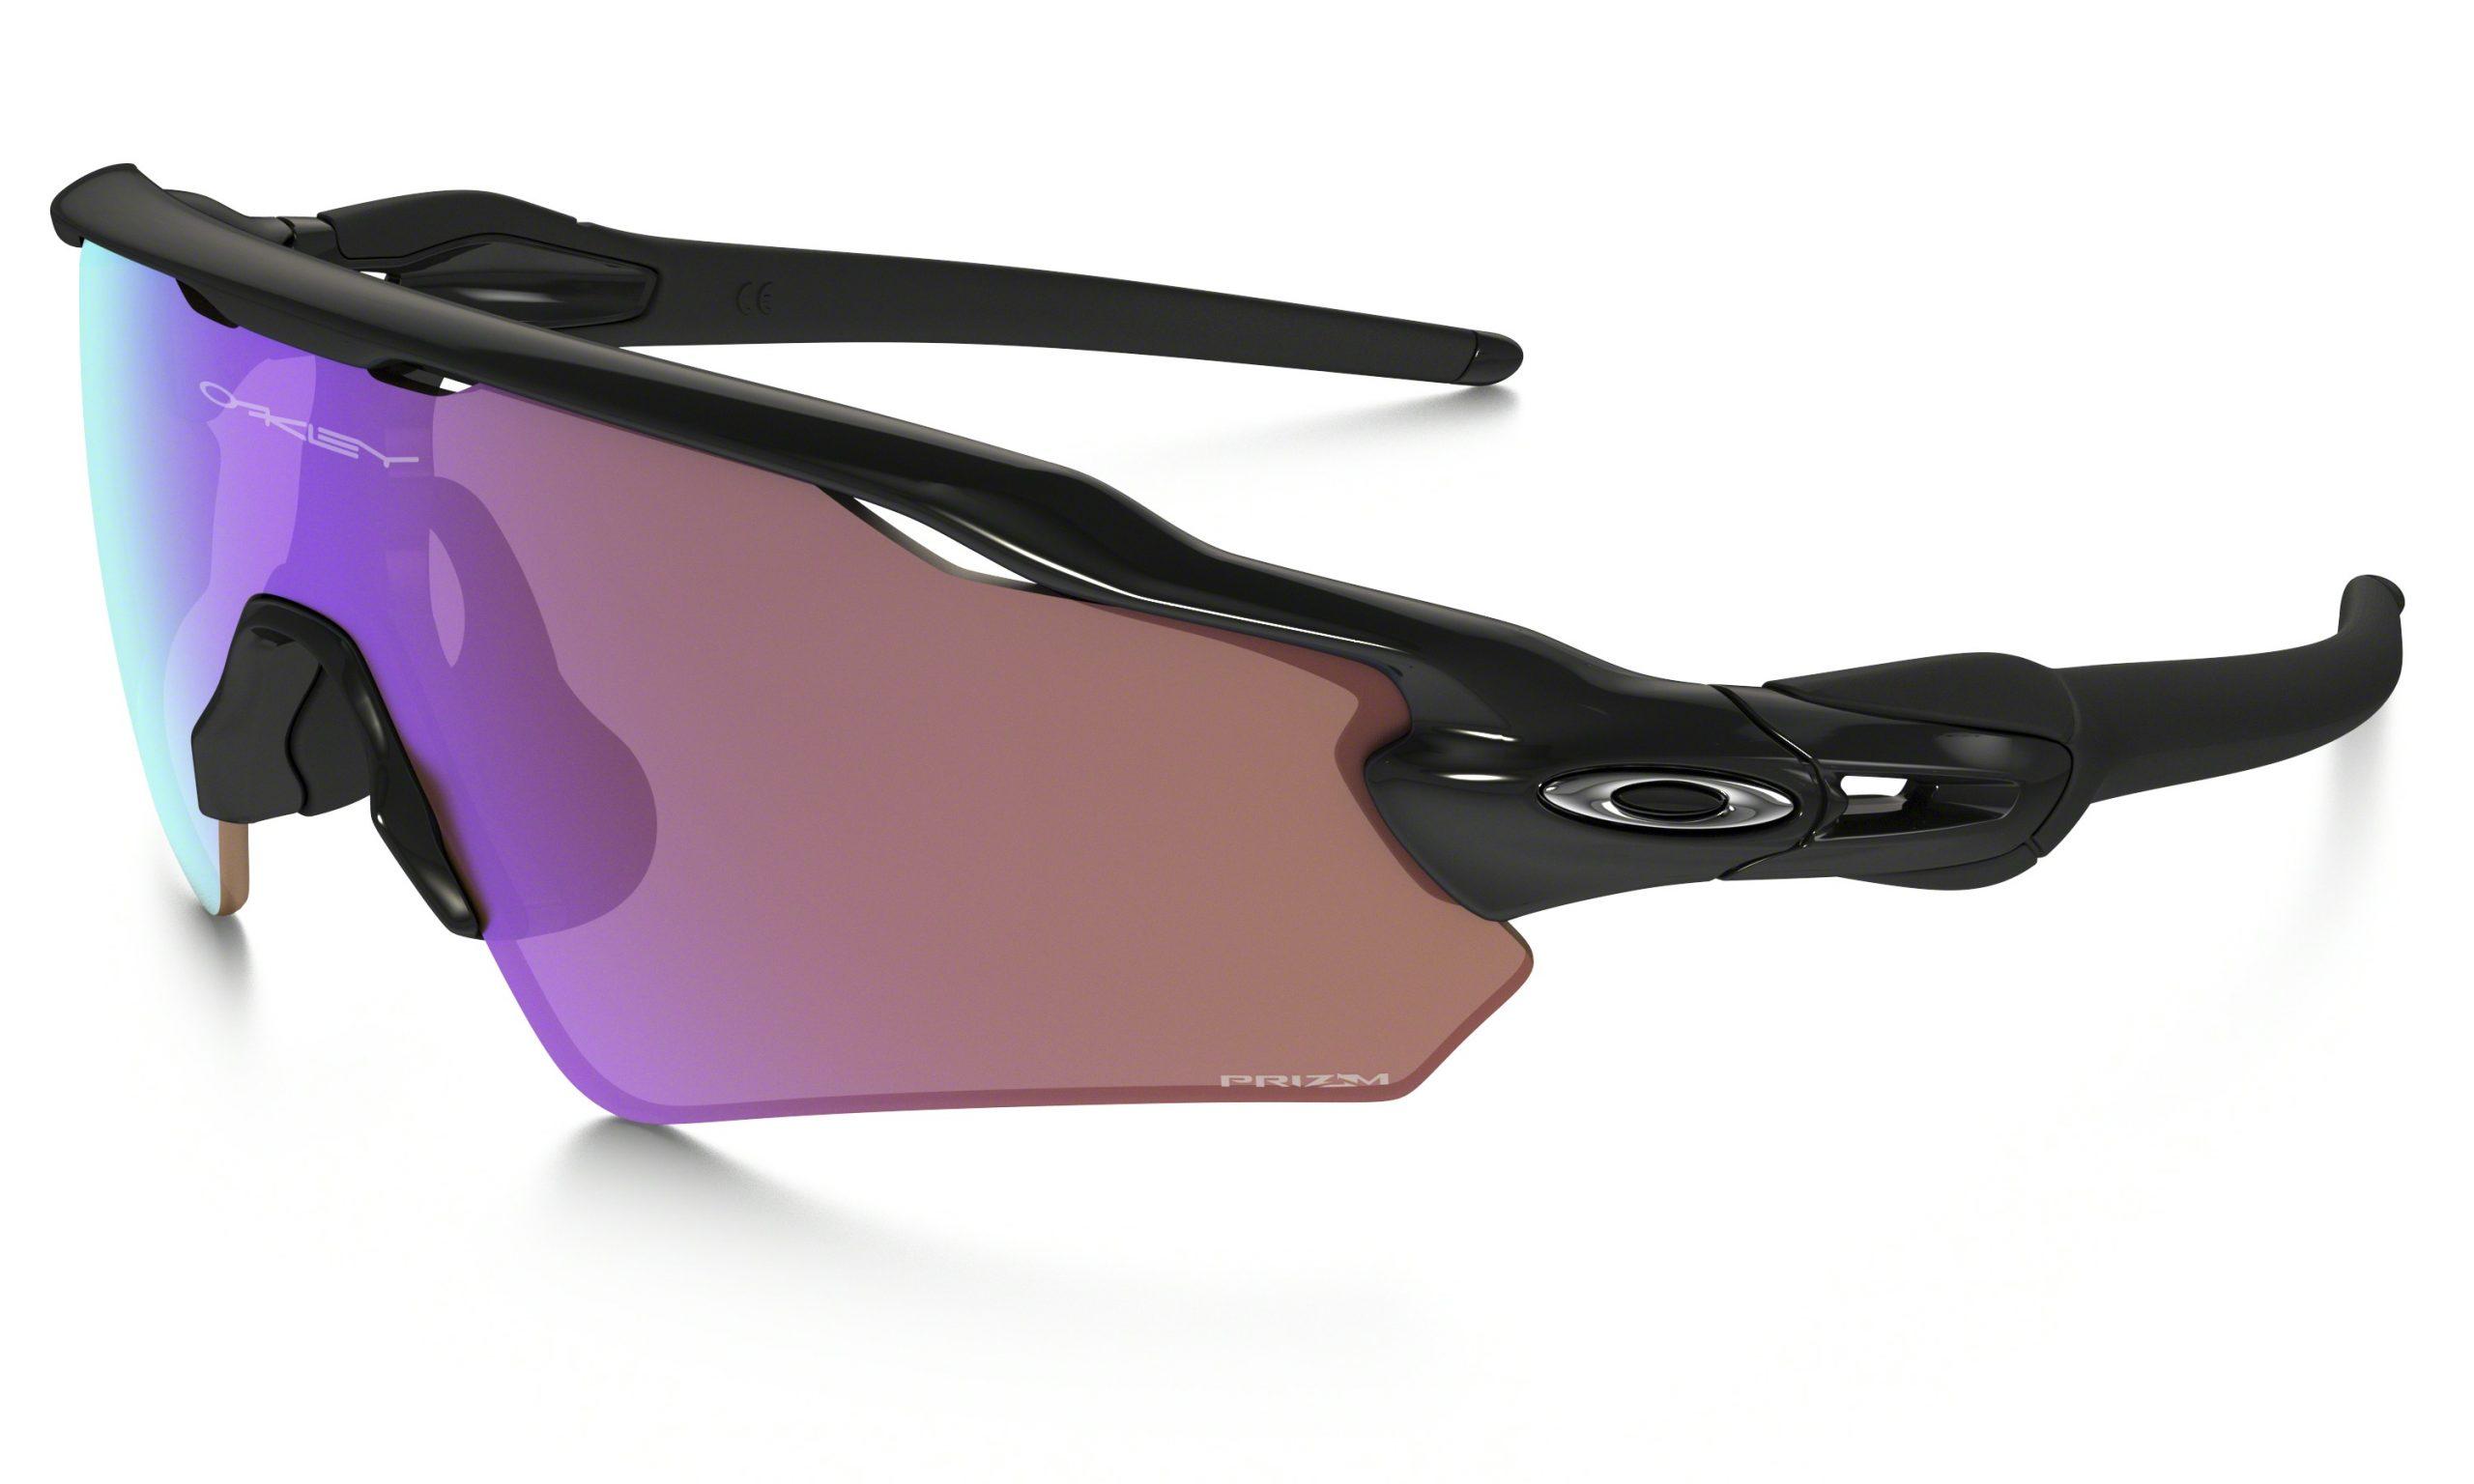 kính chơi golf Oakley chính hãng OO9275-11